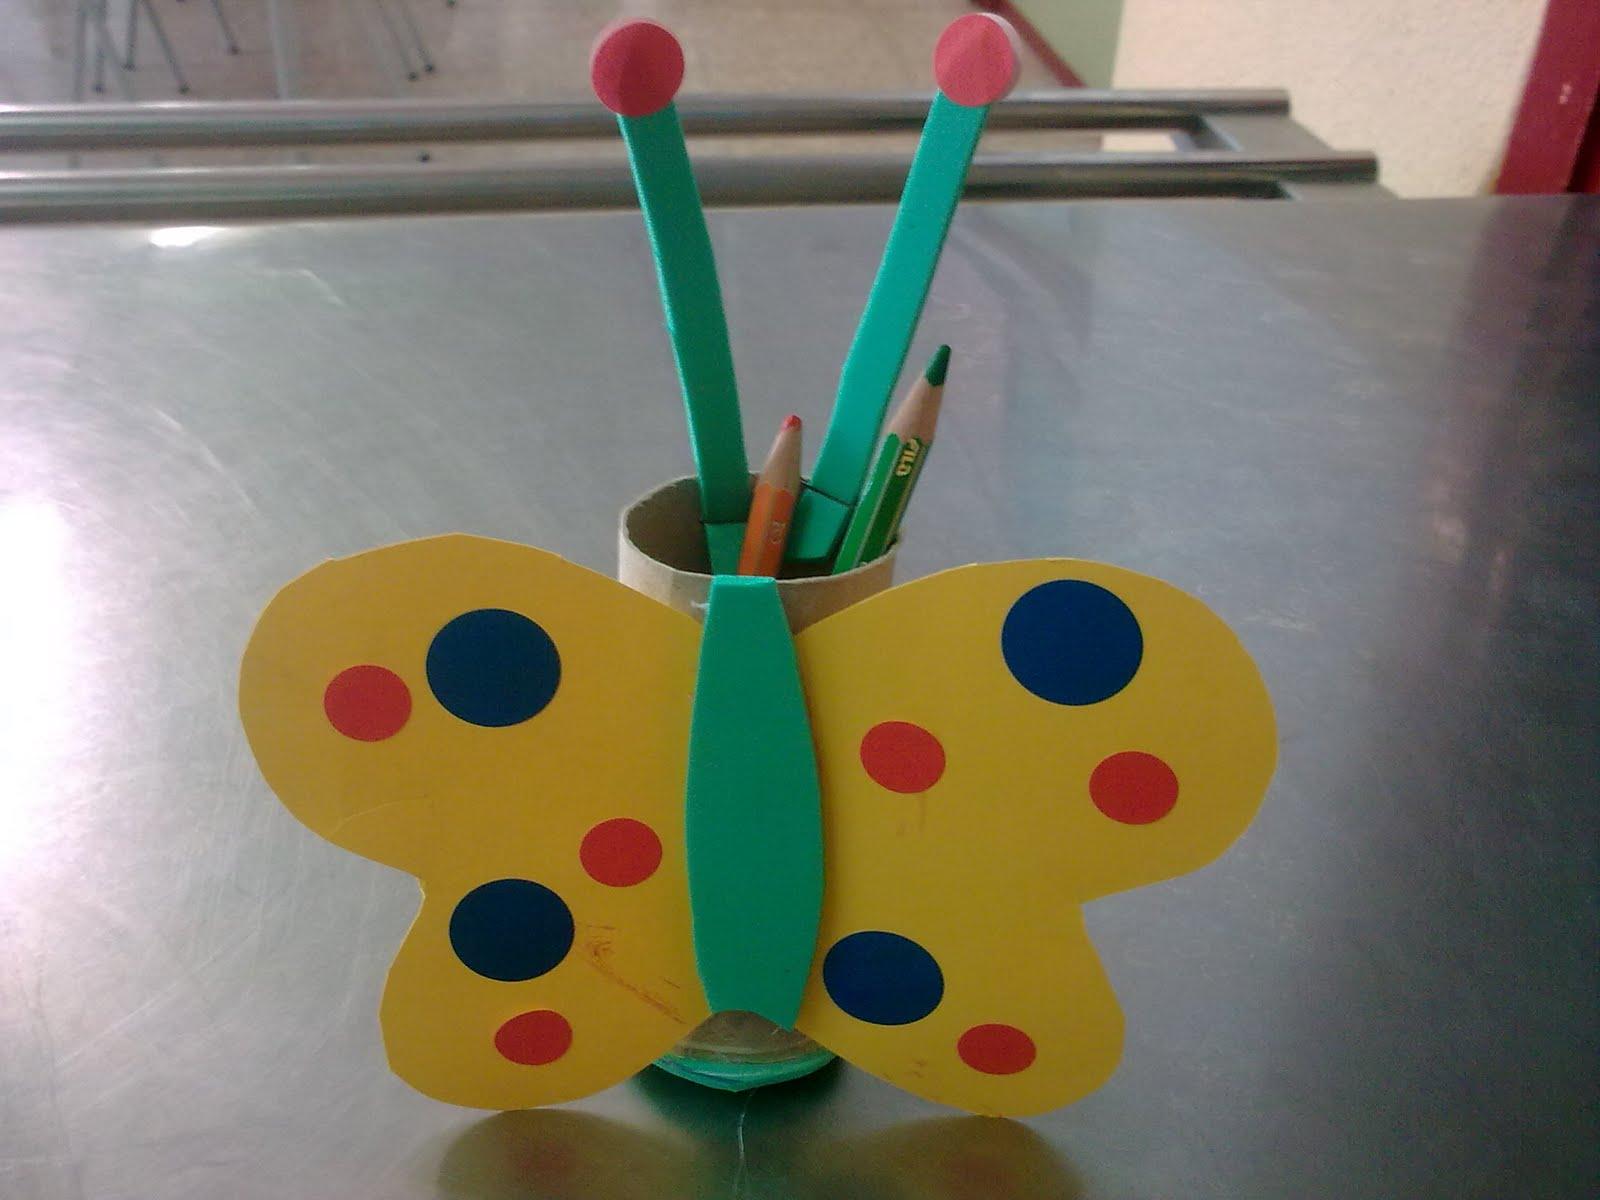 Manualidades escolares mariposas lapicero - Lapiceros reciclados manualidades ...